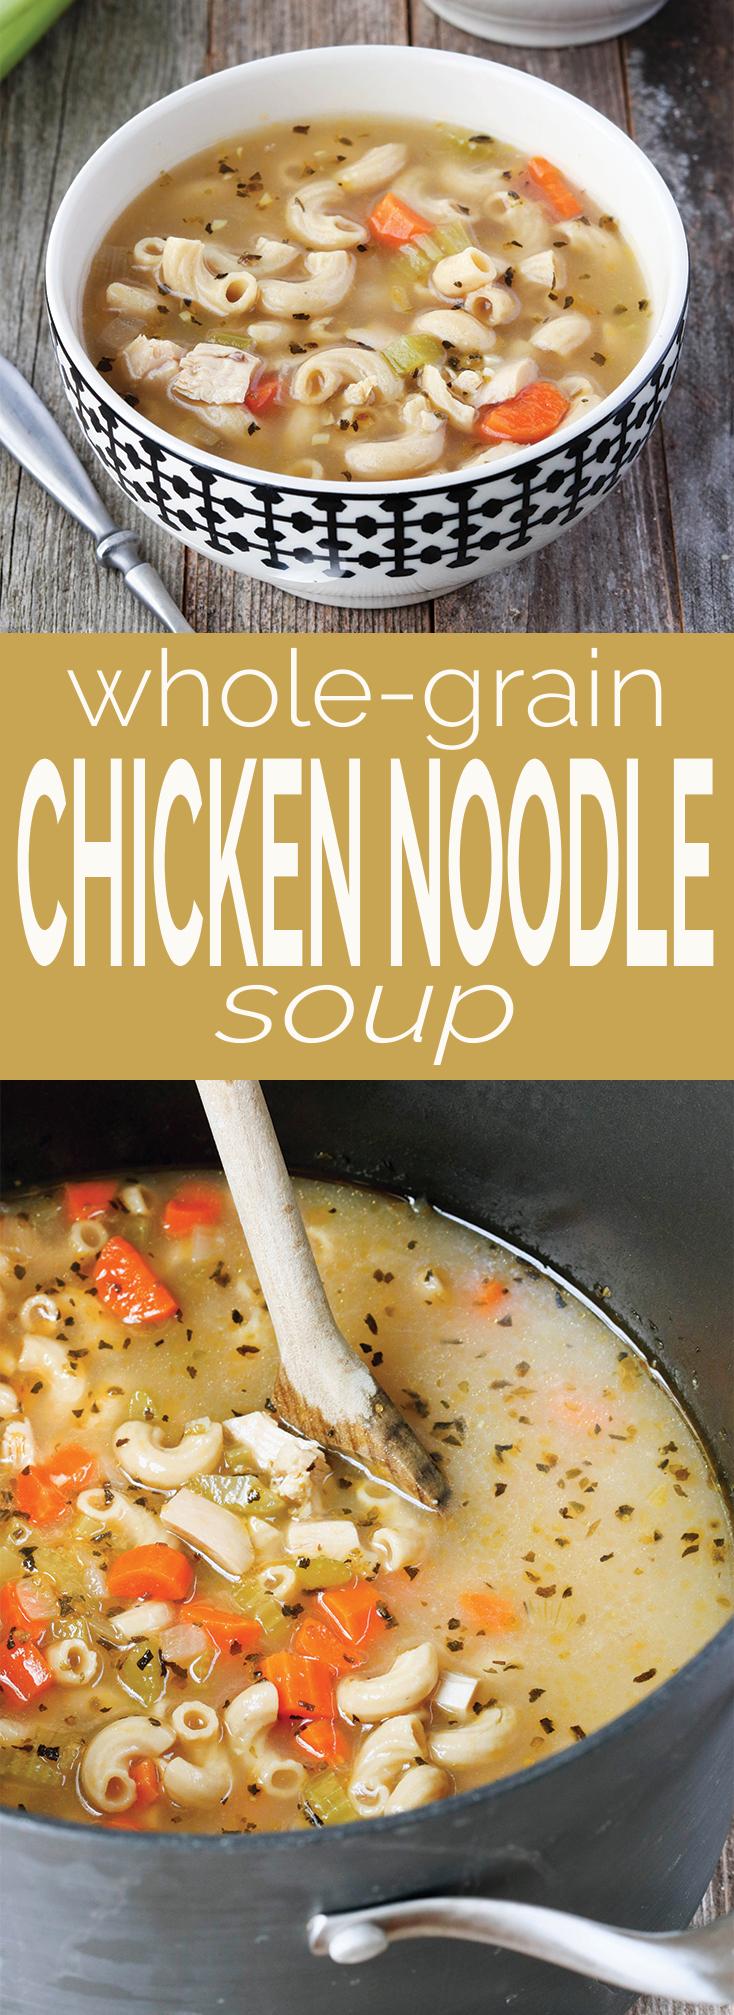 Whole Grain Chicken Noodle Soup